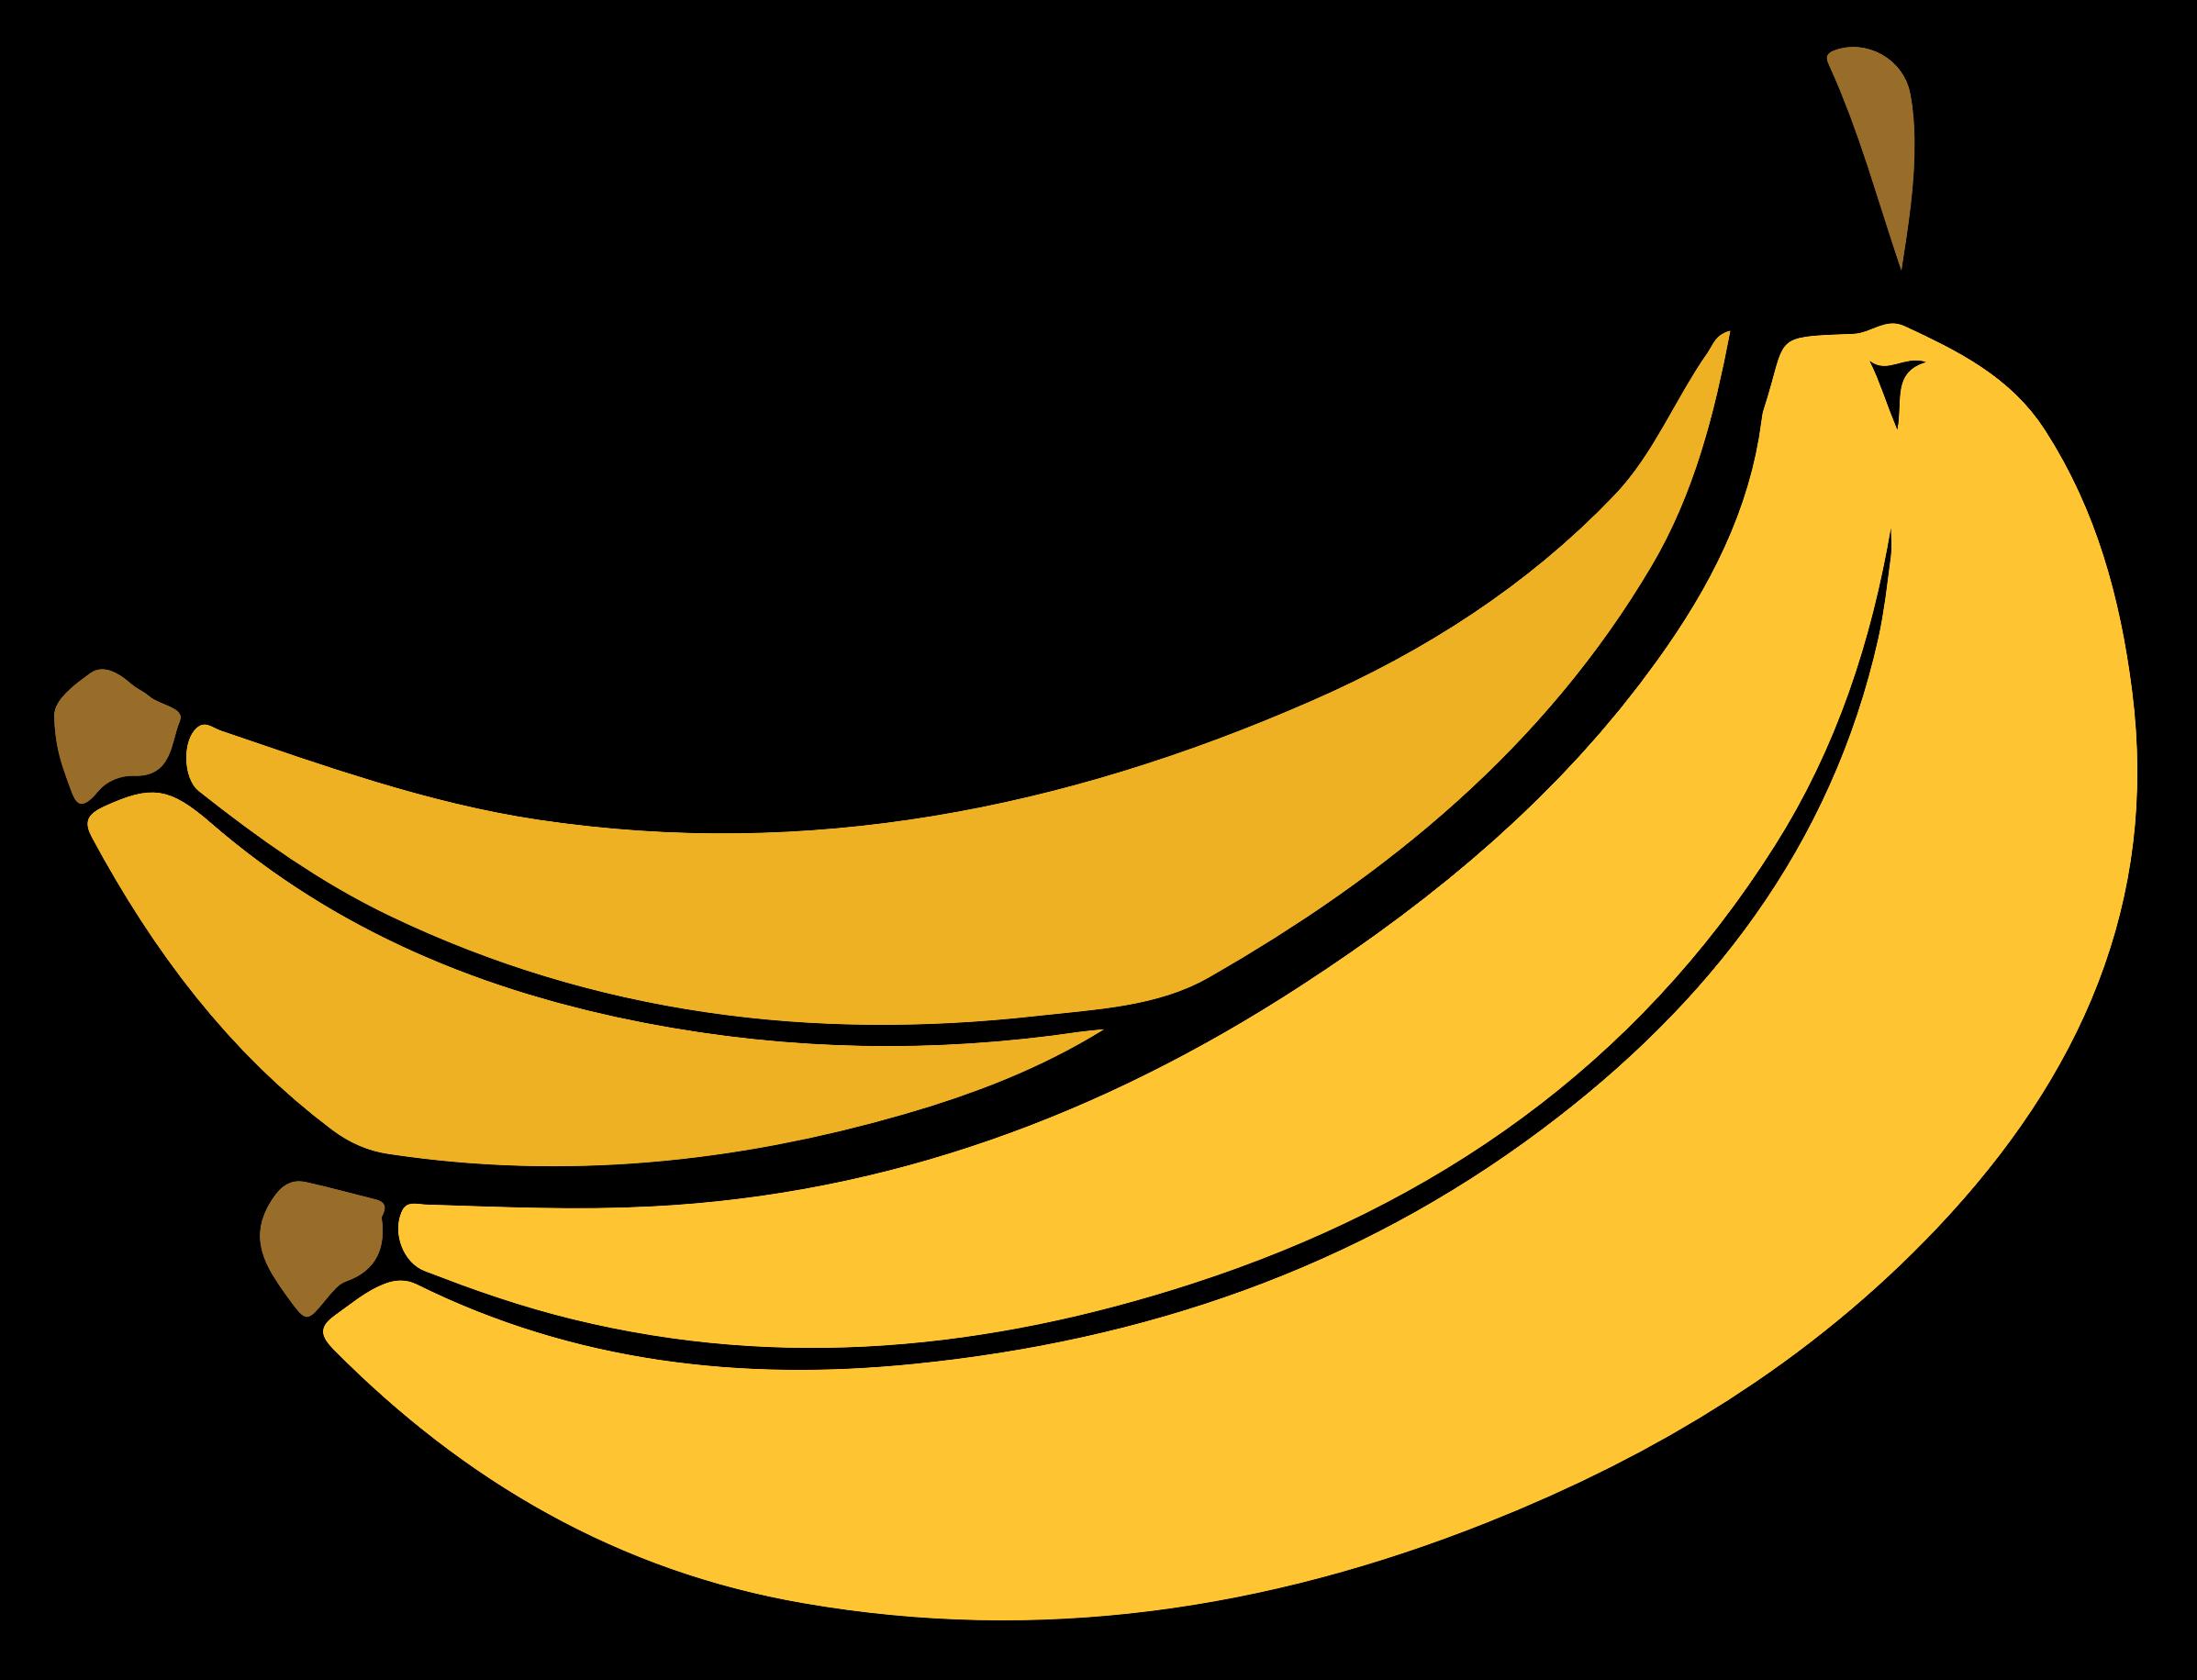 graphic freeuse download Bananna clip. Clipart banana